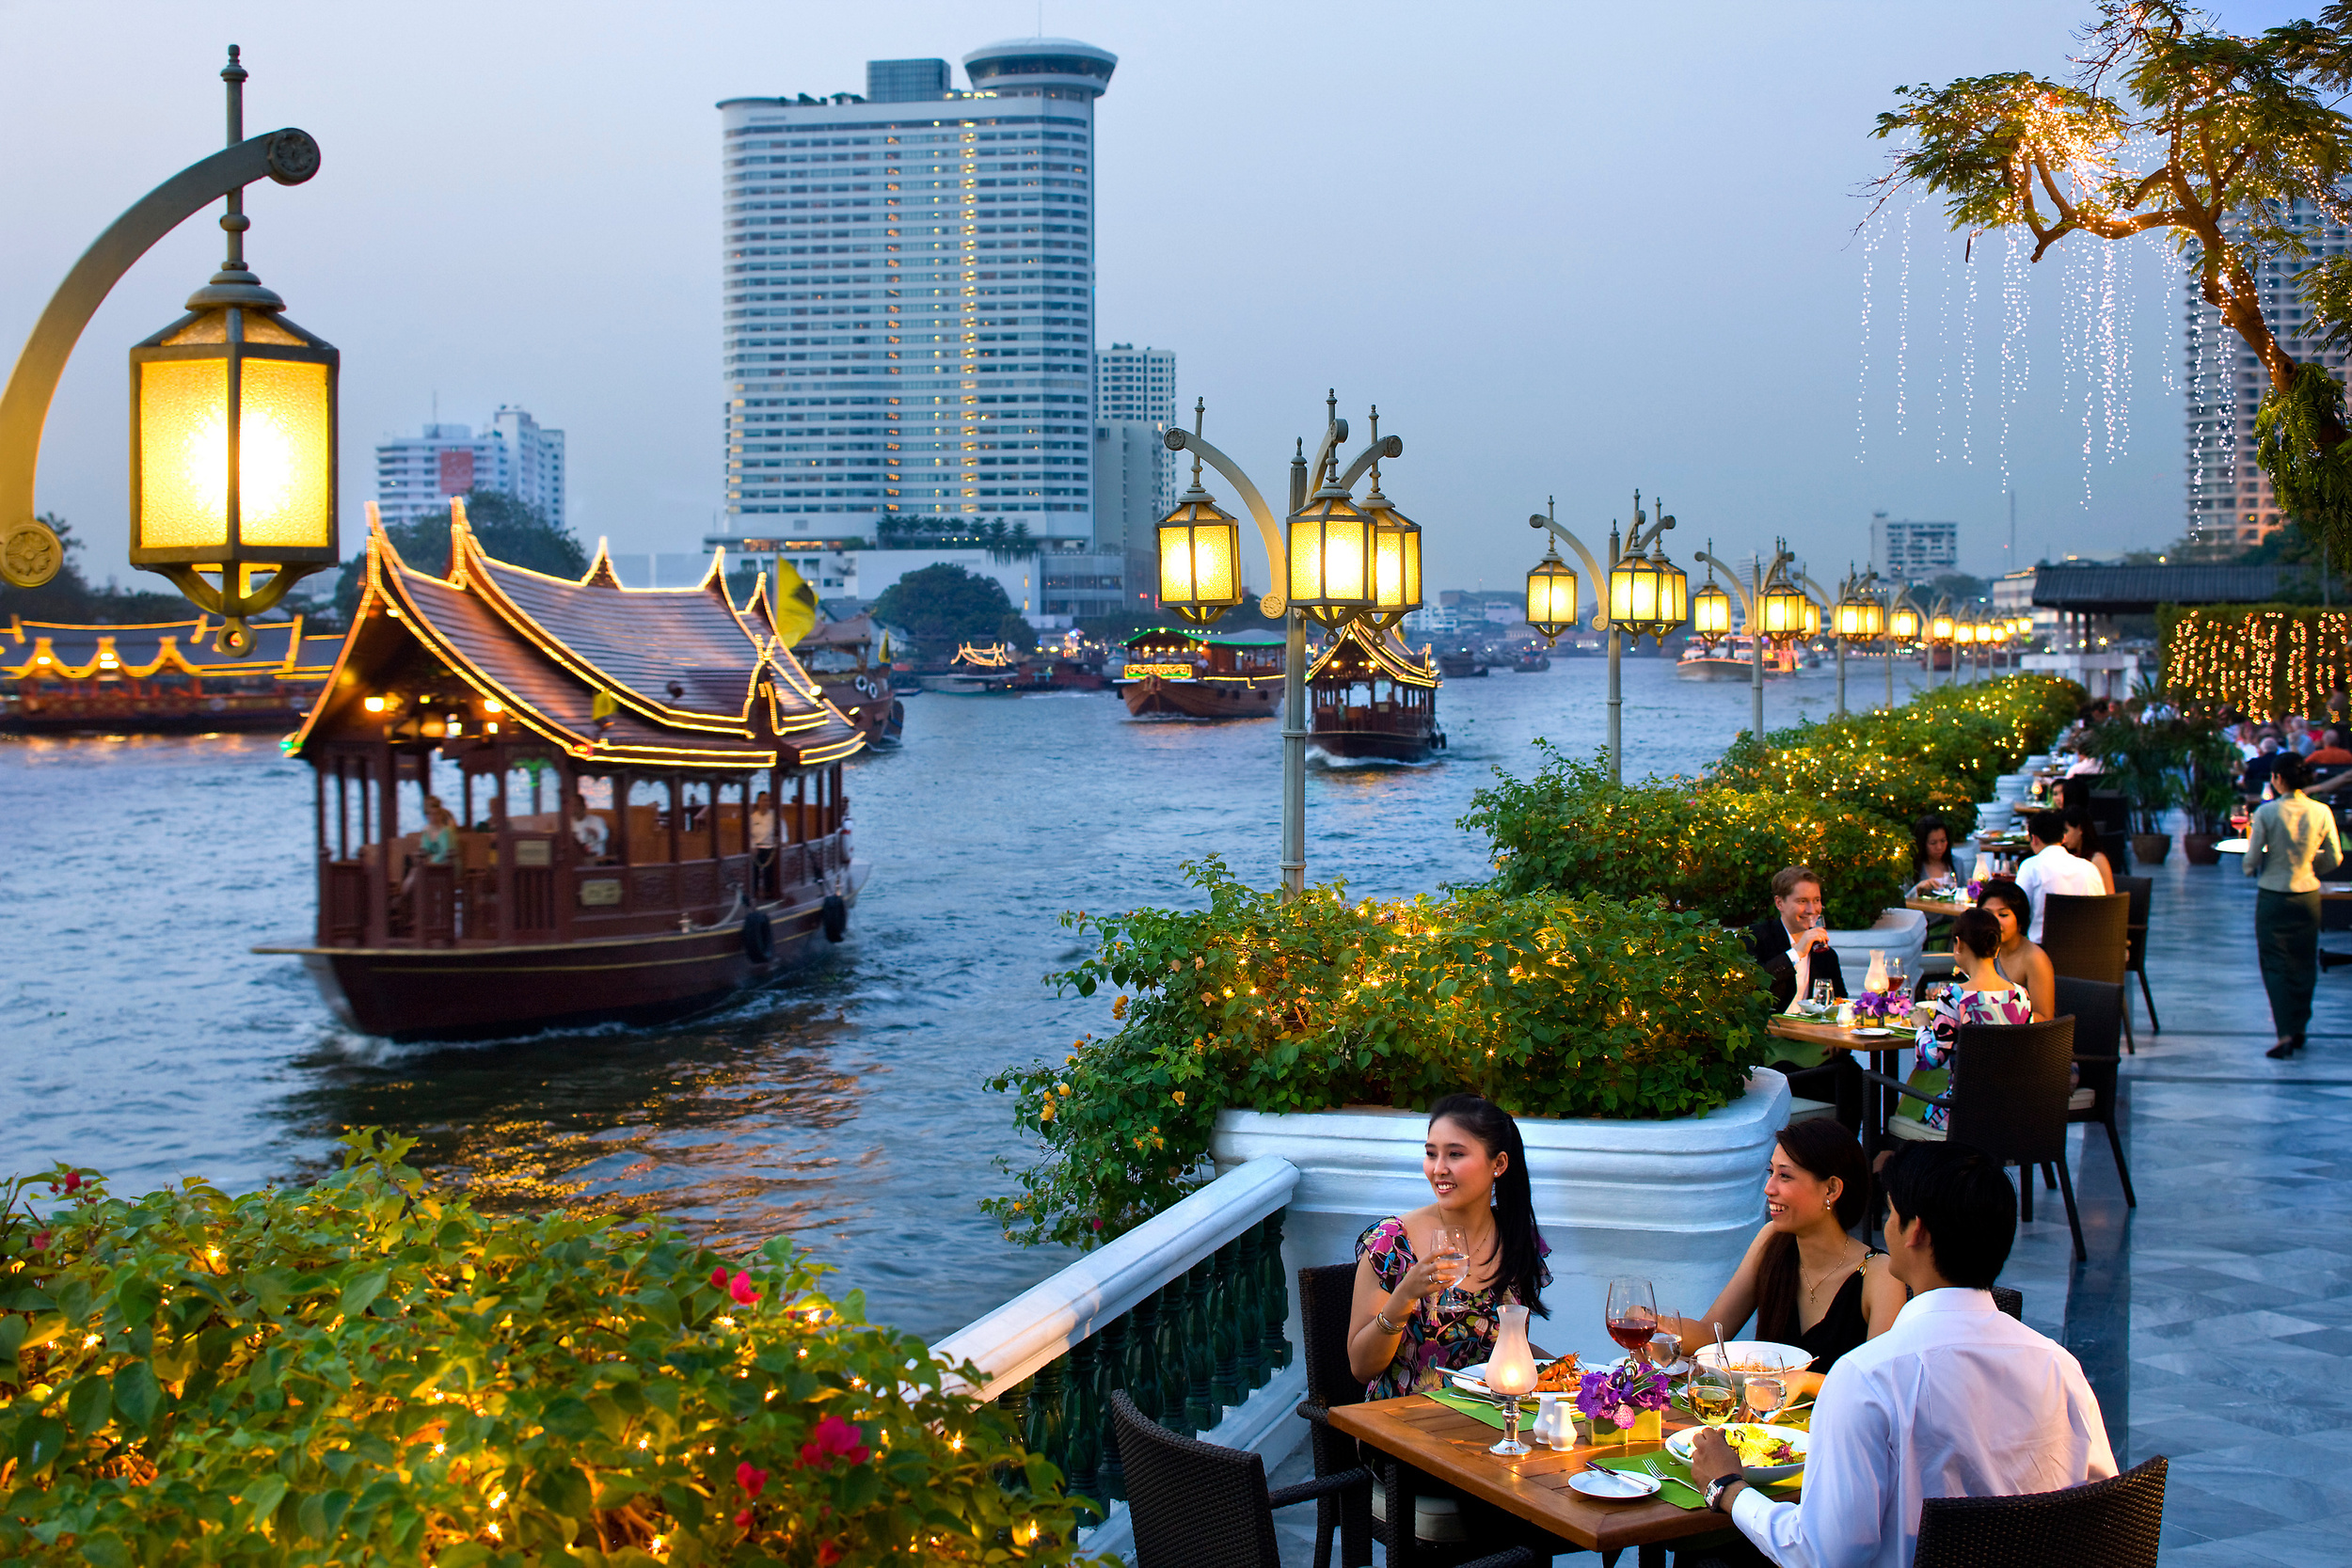 bangkok-restaurant-riverside-terrace-1.jpg